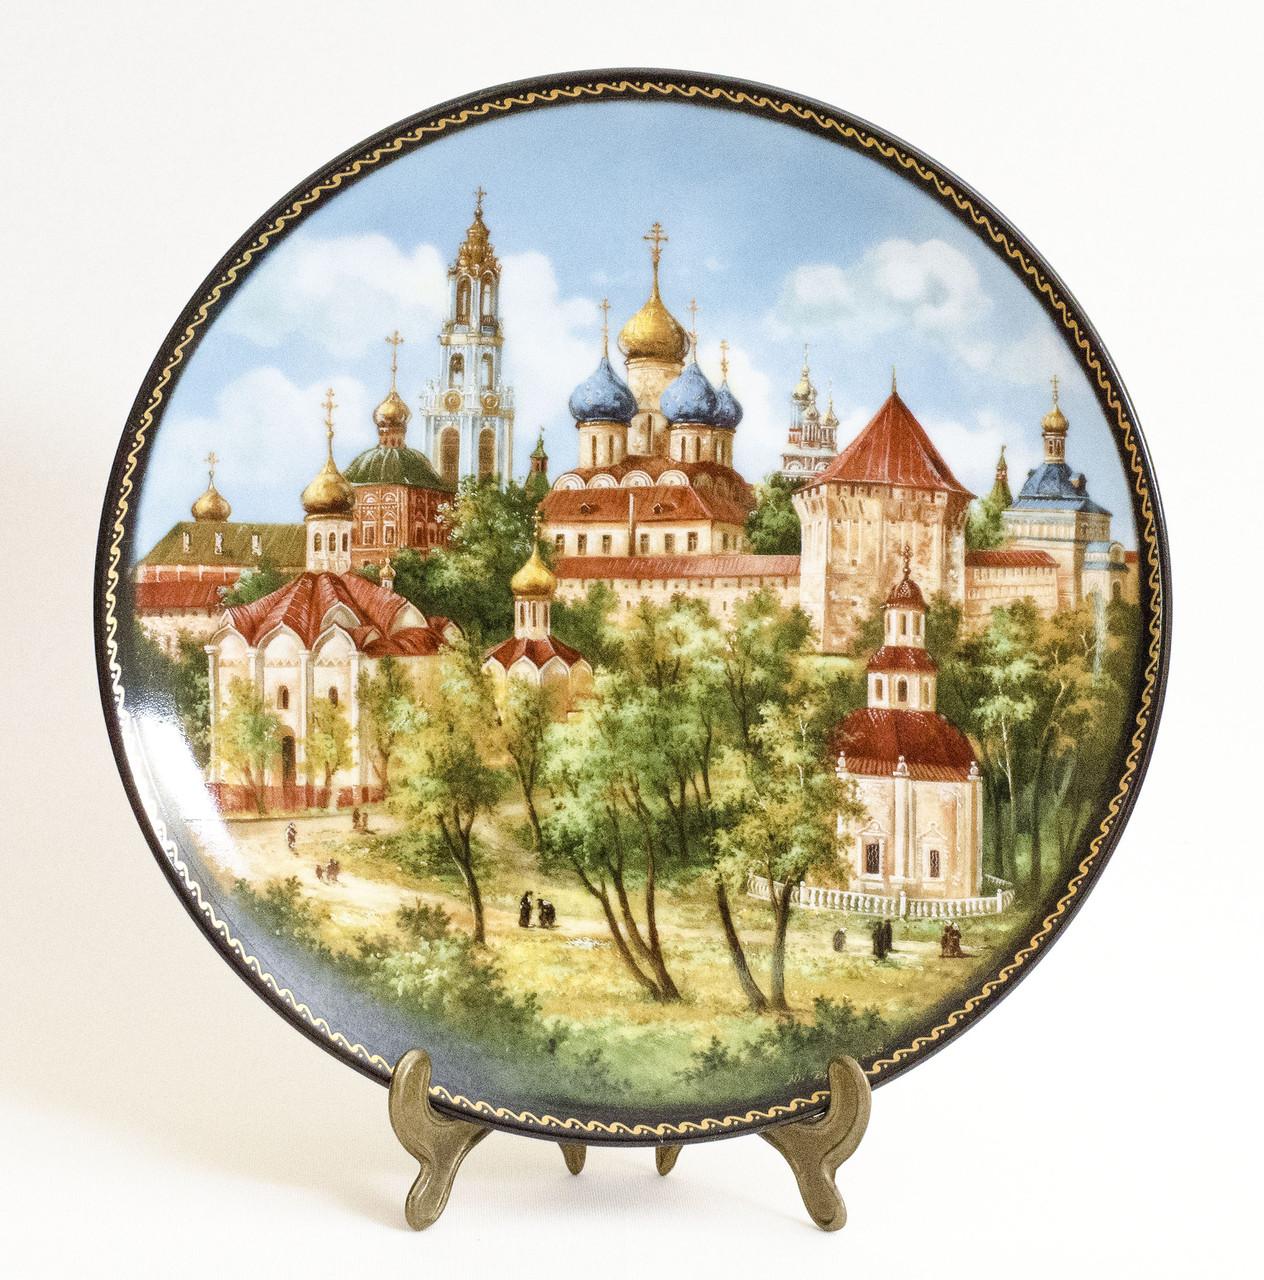 Фарфор, тарелка настенная, Троице-Сергиев Монастырь,1991 год, Юрий Дубовихов